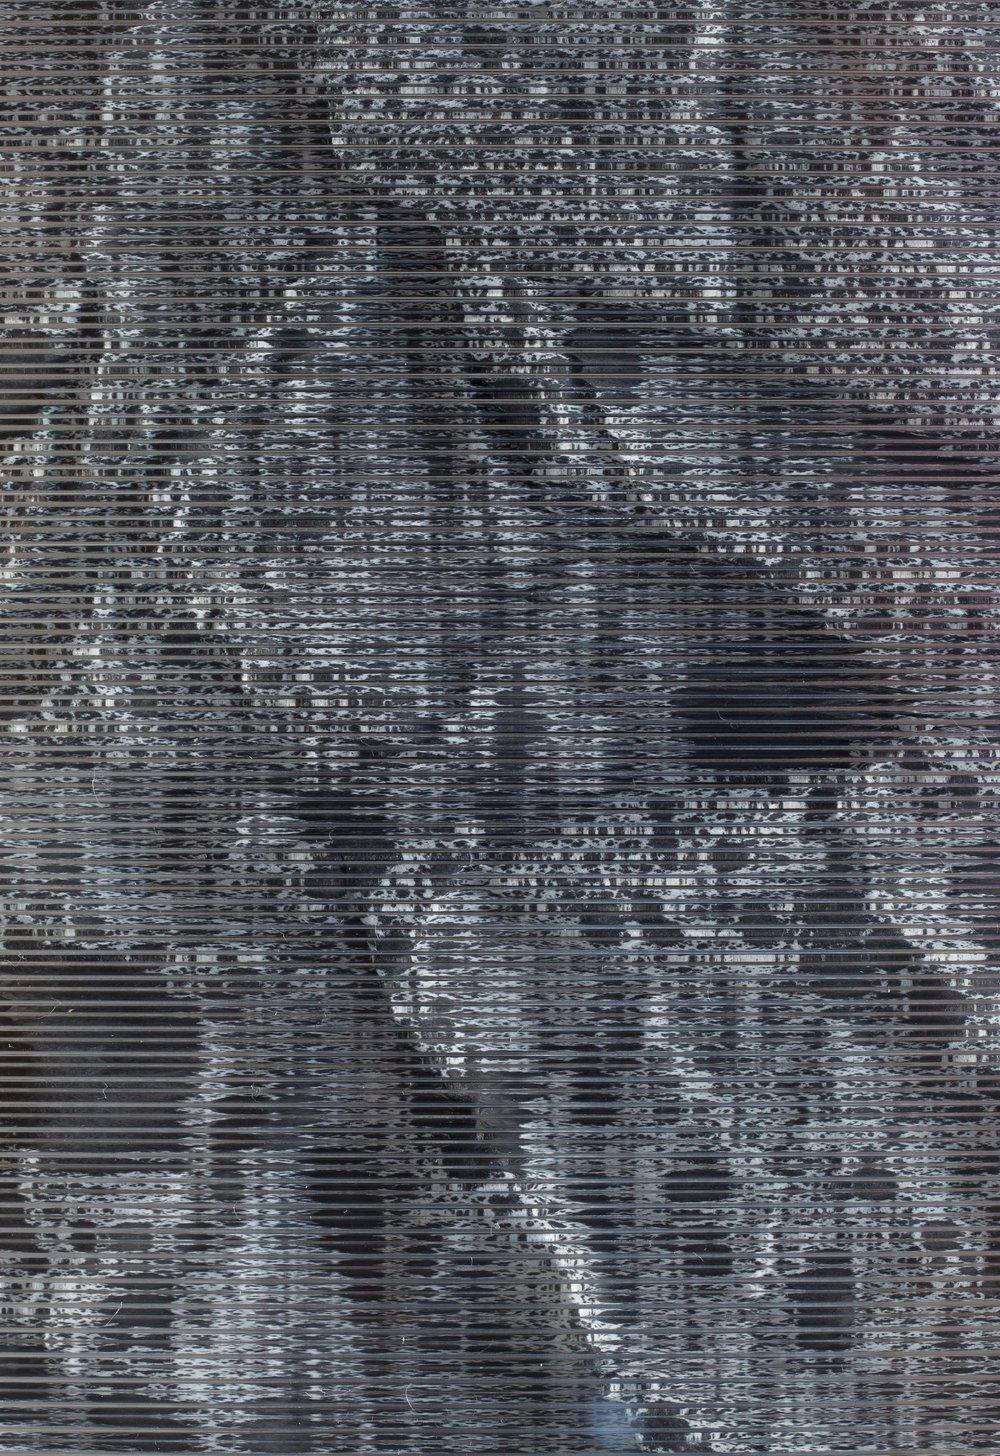 Verklärte Nacht / Part VI (Quadriptych),  2018 - Detail Ink on Xuan paper on mirror beneath linear Plexiglas, aluminium frame